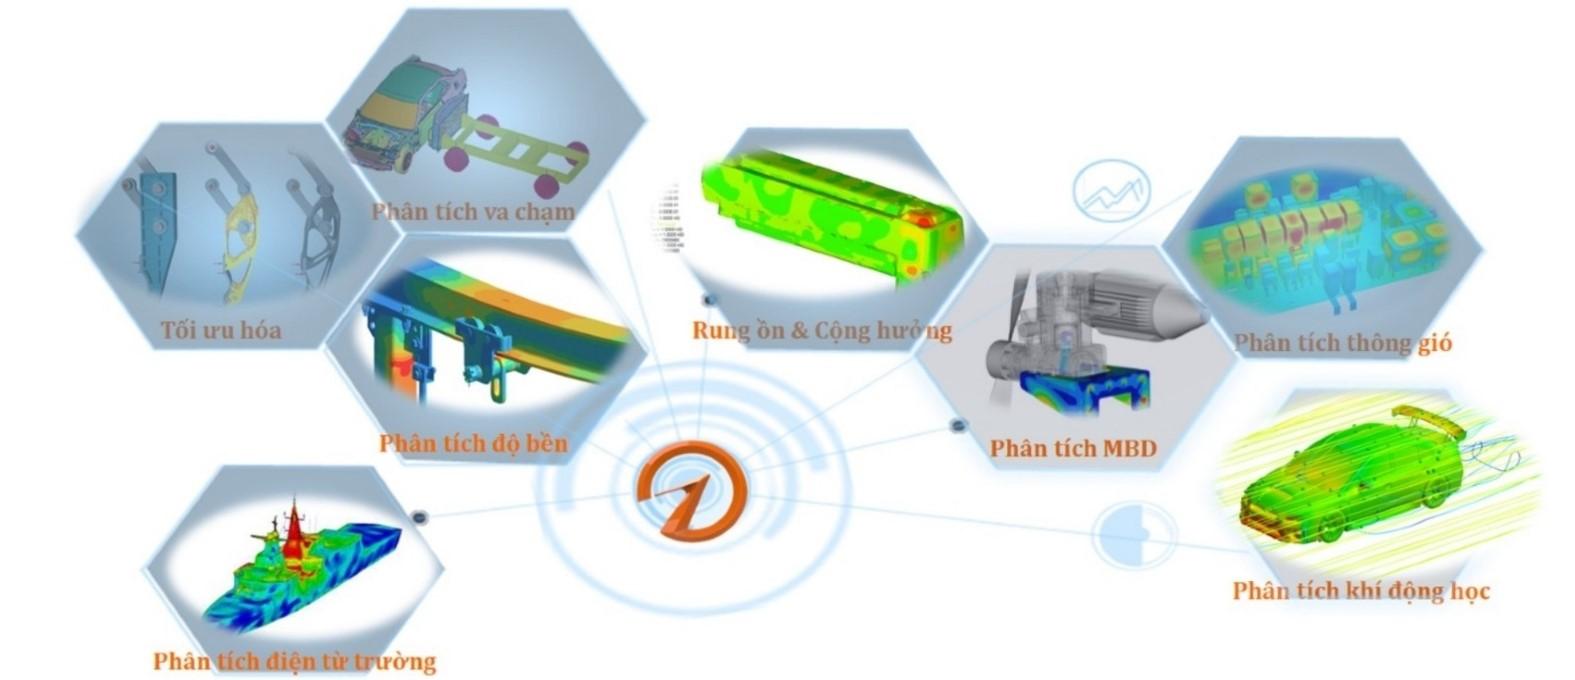 Phần mềm mô phỏng Altair- Dịch vụ mô phỏng phân tích lực, kết cấu